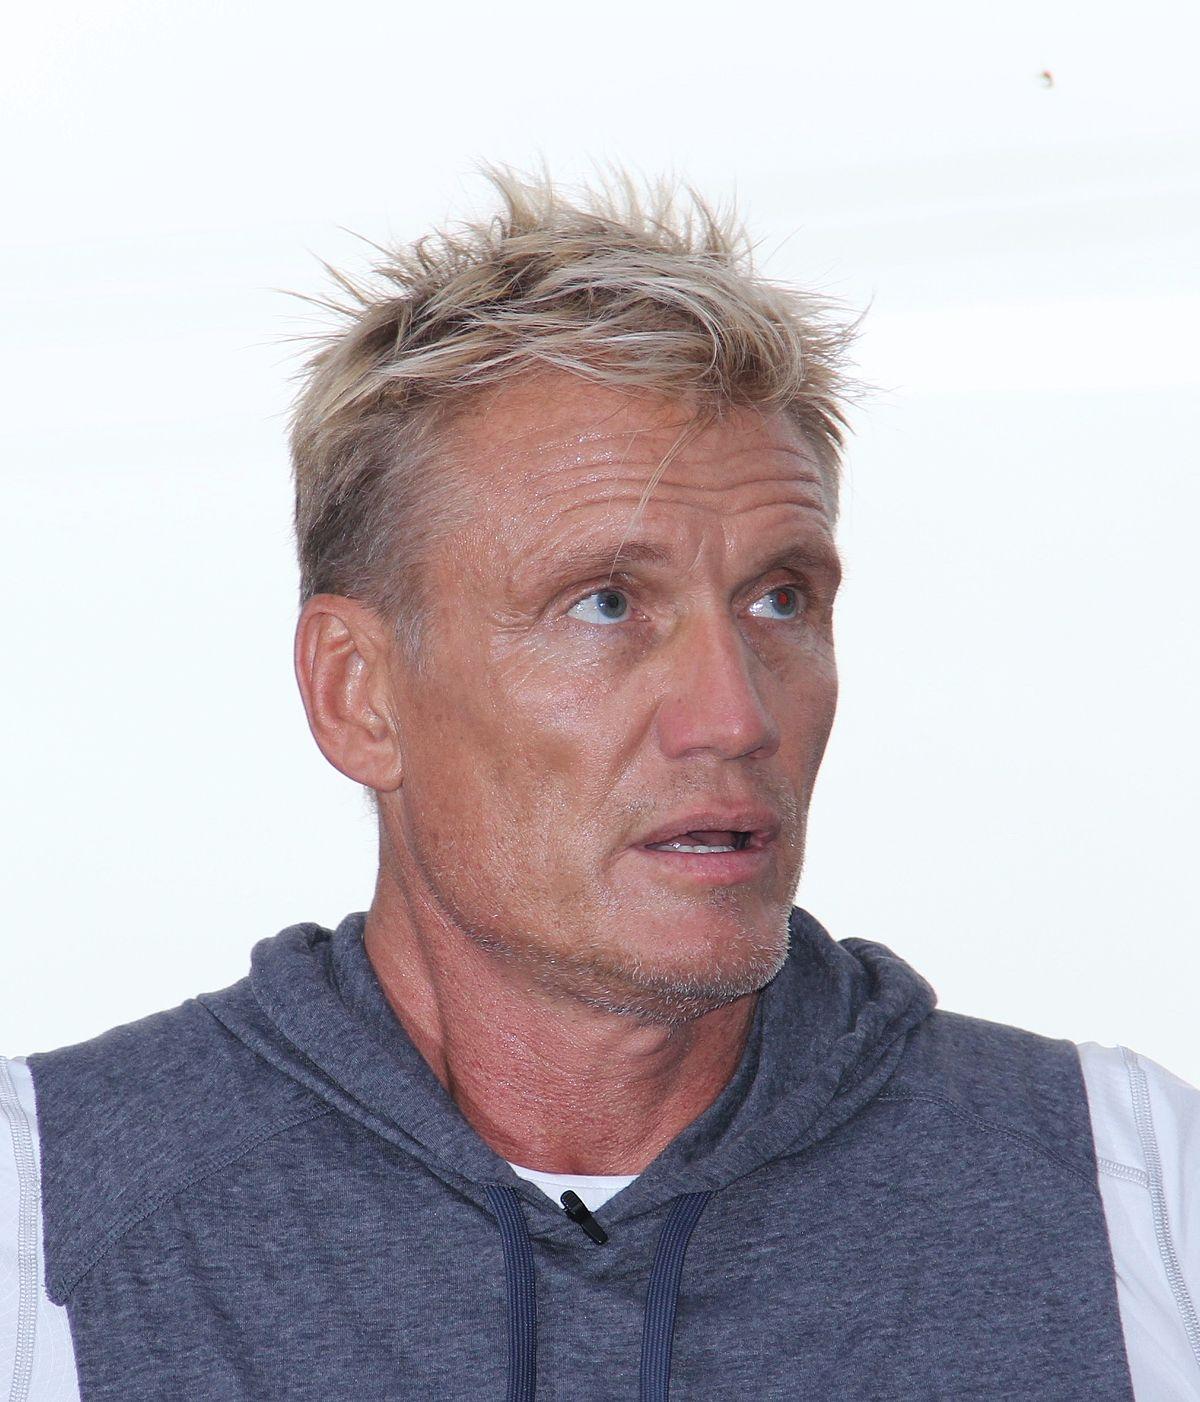 Dolph Lundgren - Wikip...